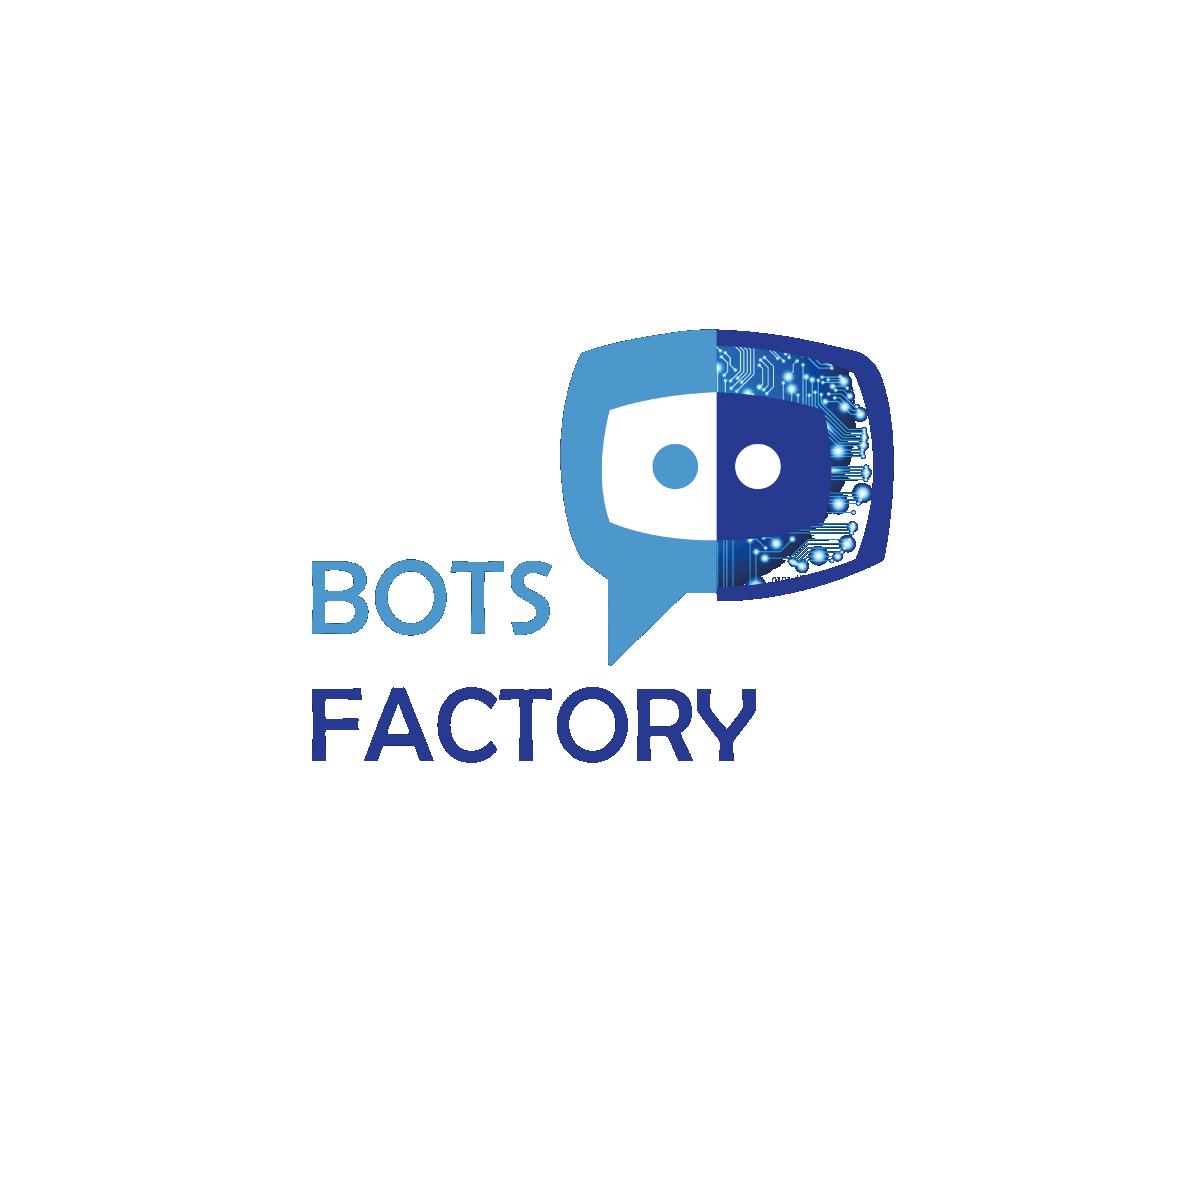 Bots-Factory-start-up.ma